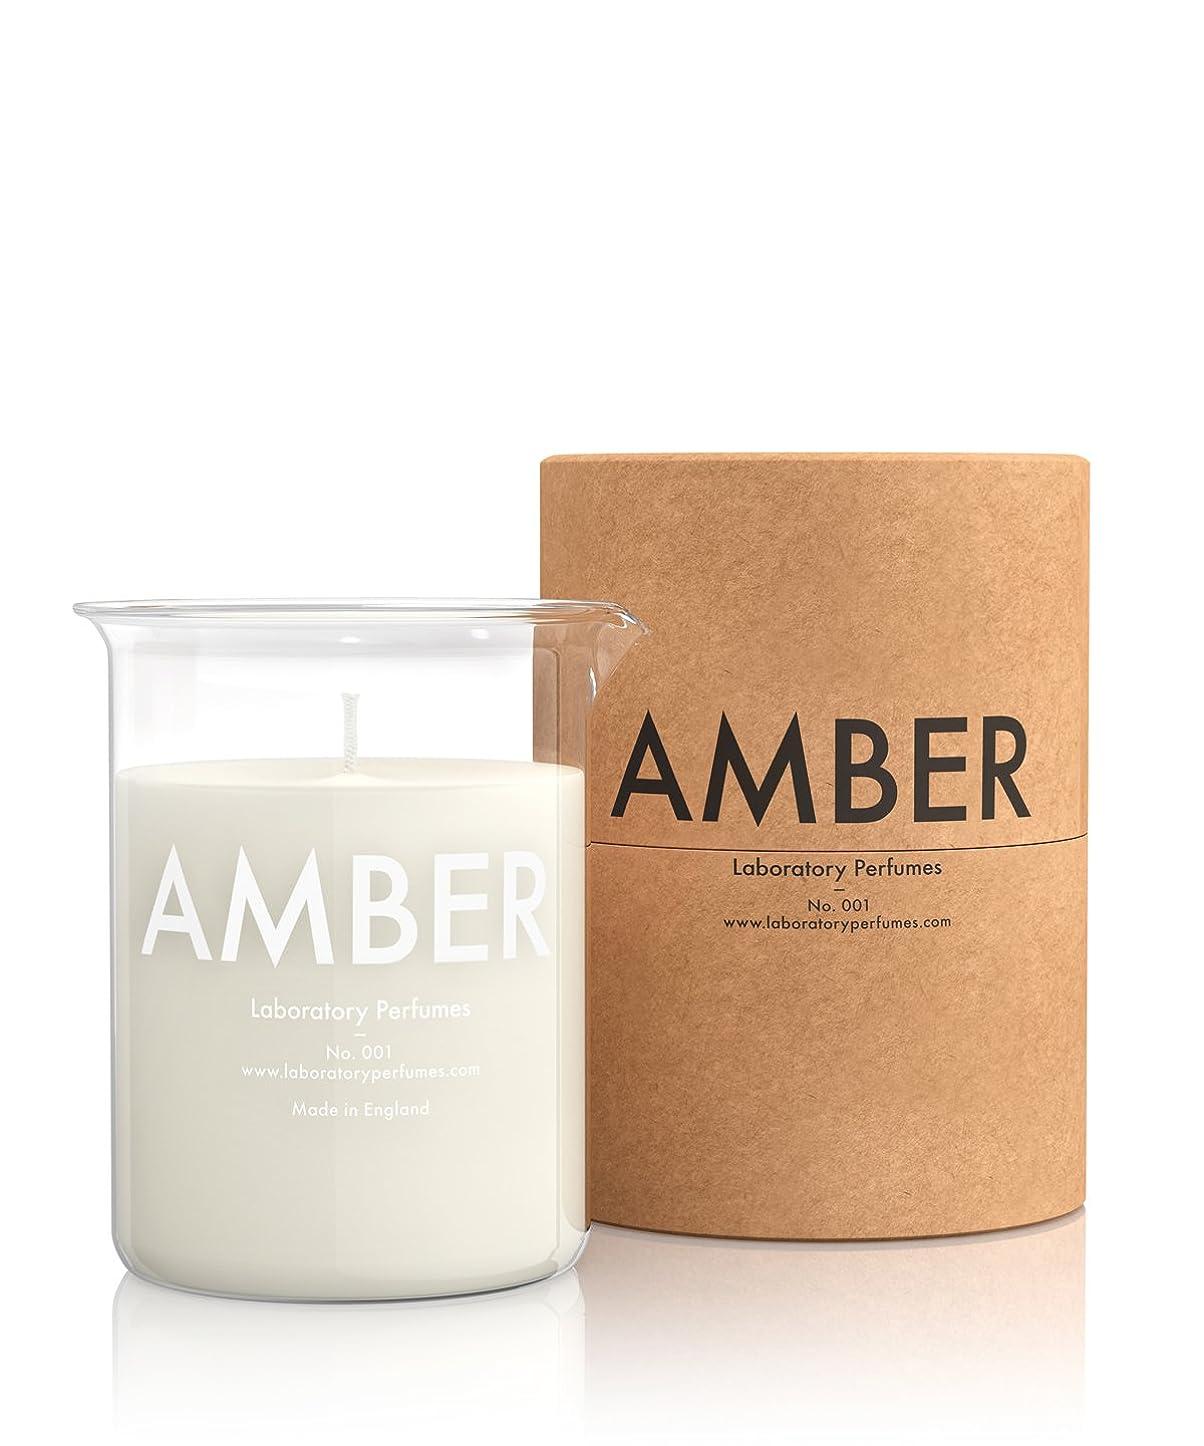 剥離補助金溶かすLabortory Perfumes キャンドル アンバー Amber (フローラルウッディー Floral Woody) Candle ラボラトリー パフューム